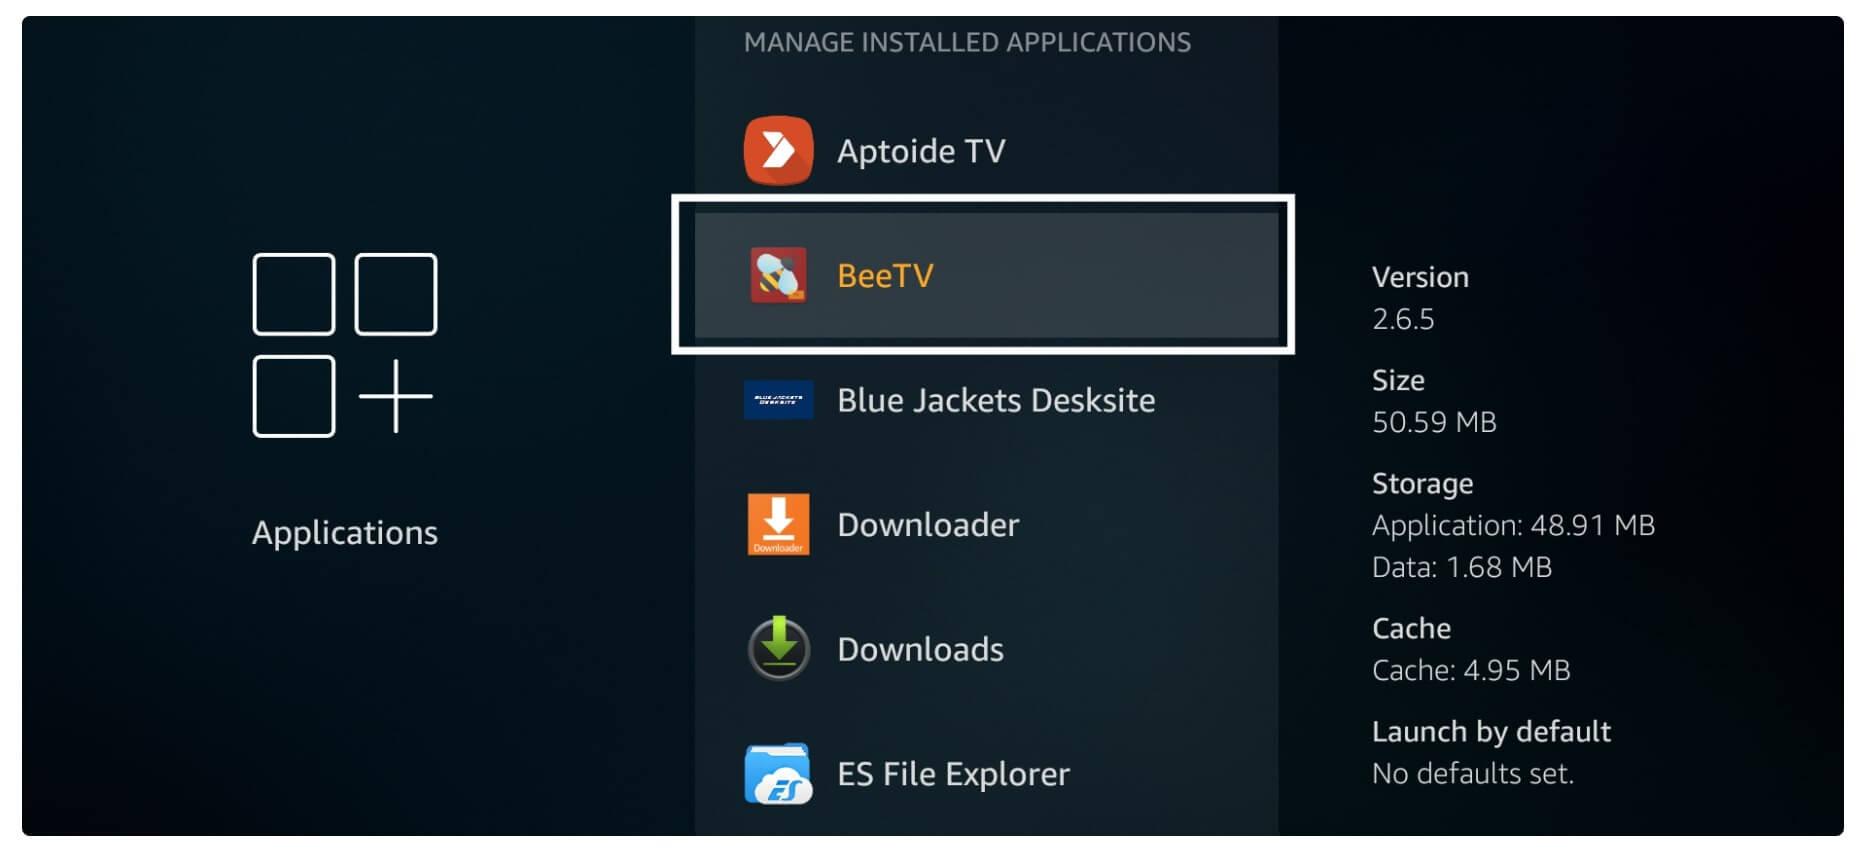 BeeTV-Firestick-Not-Working